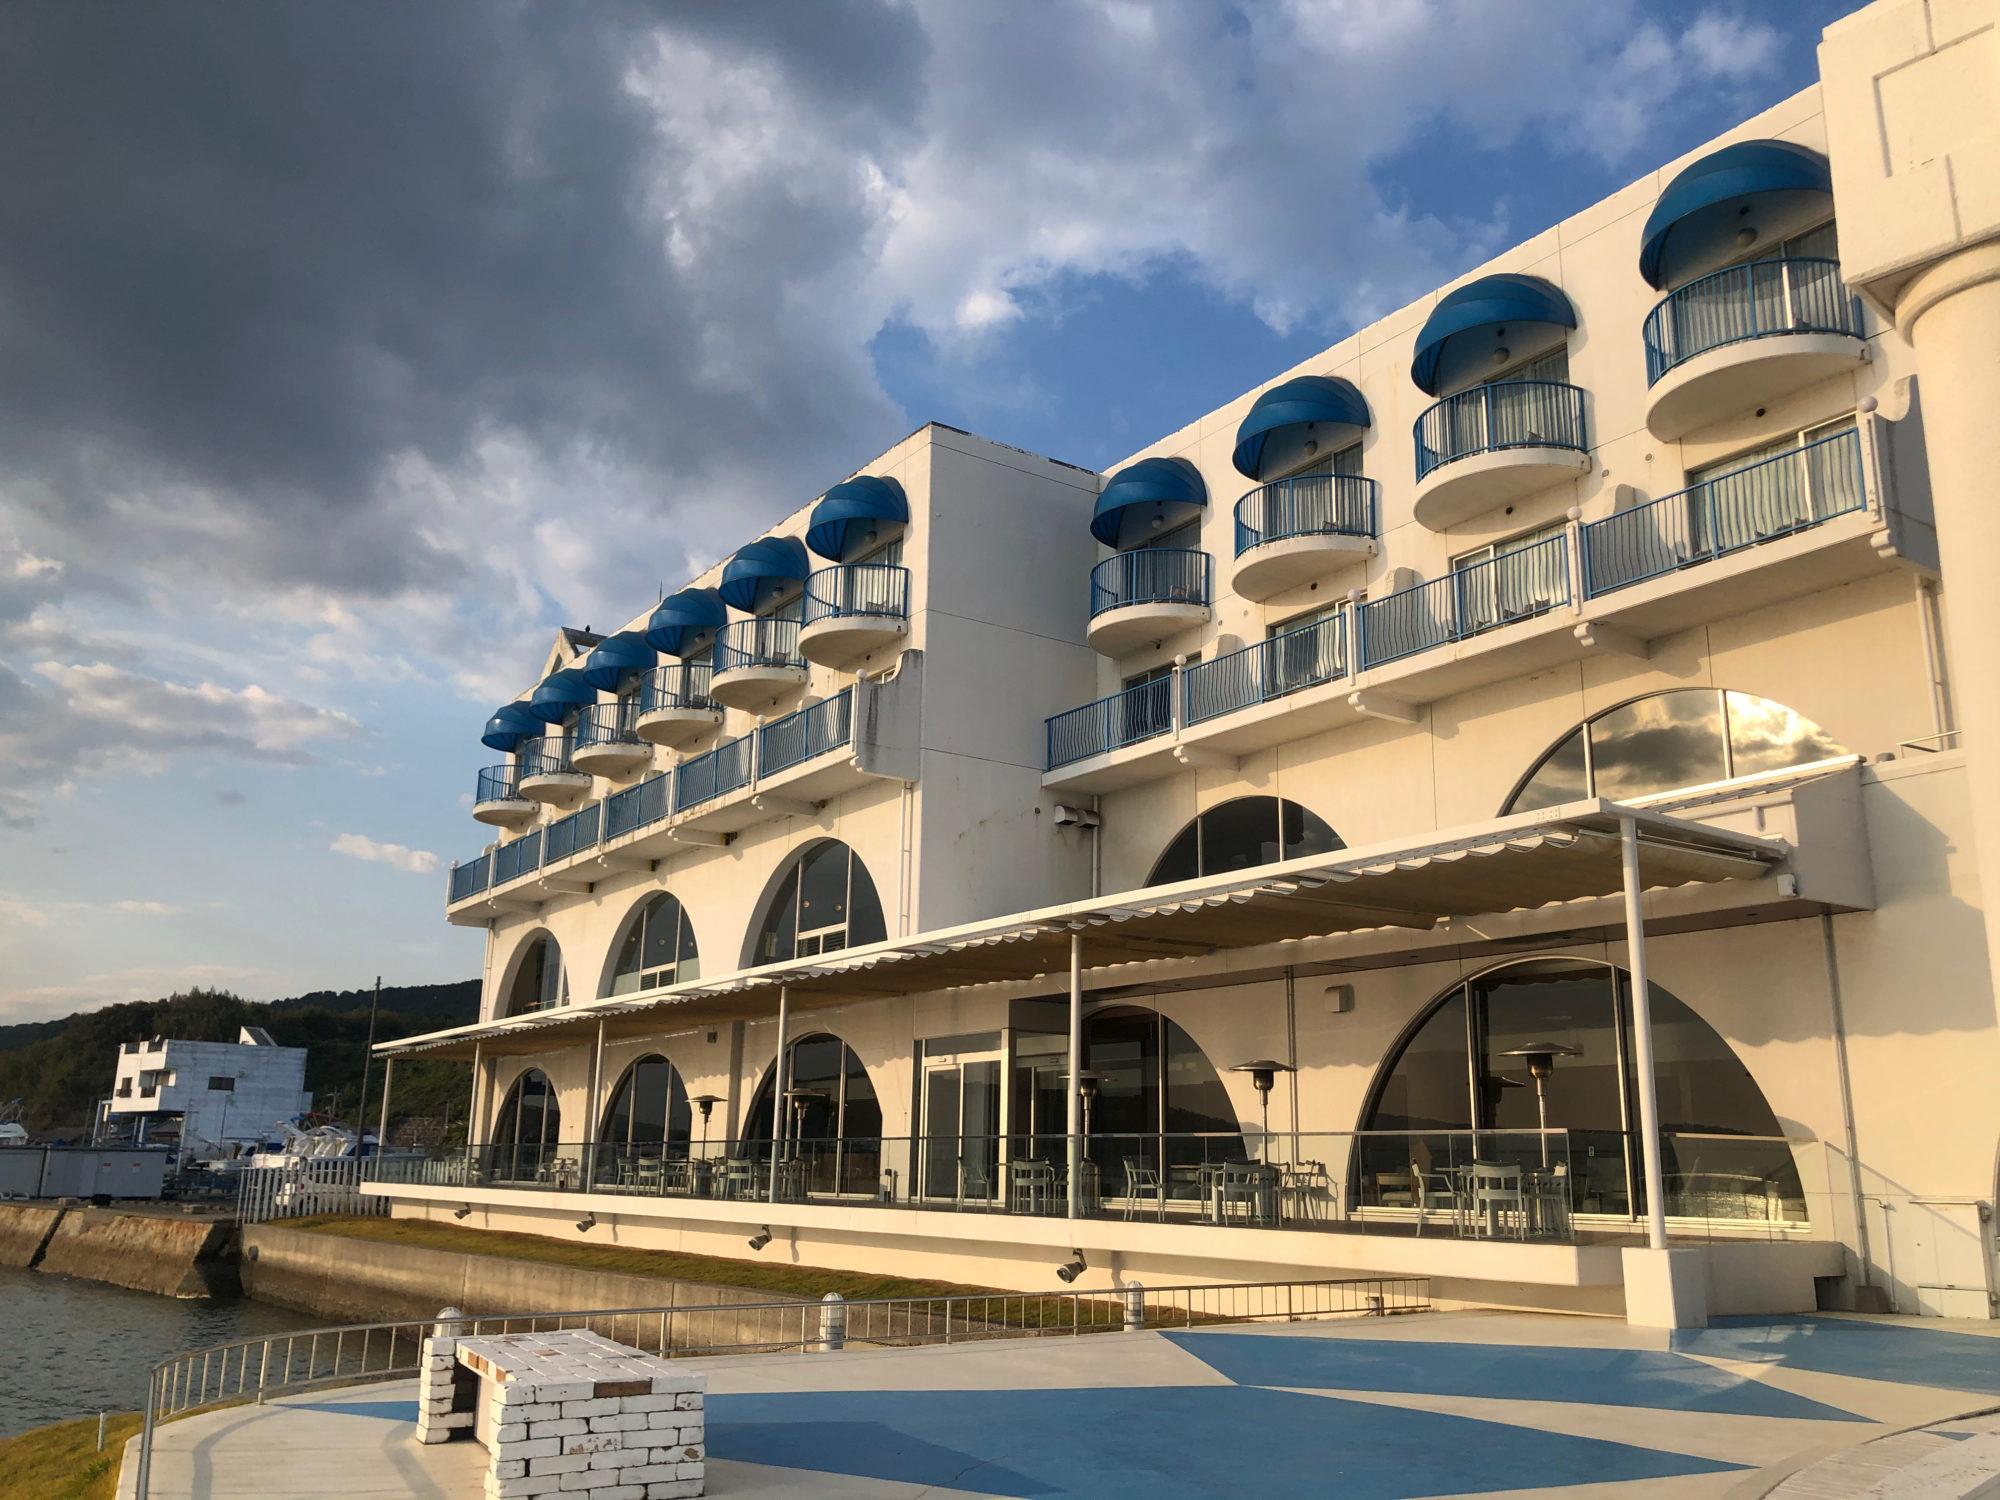 日本のエーゲ海 ホテルリマーニ宿泊レポ~牛窓のリゾートホテルで贅沢な時間をゆっくり過ごす~